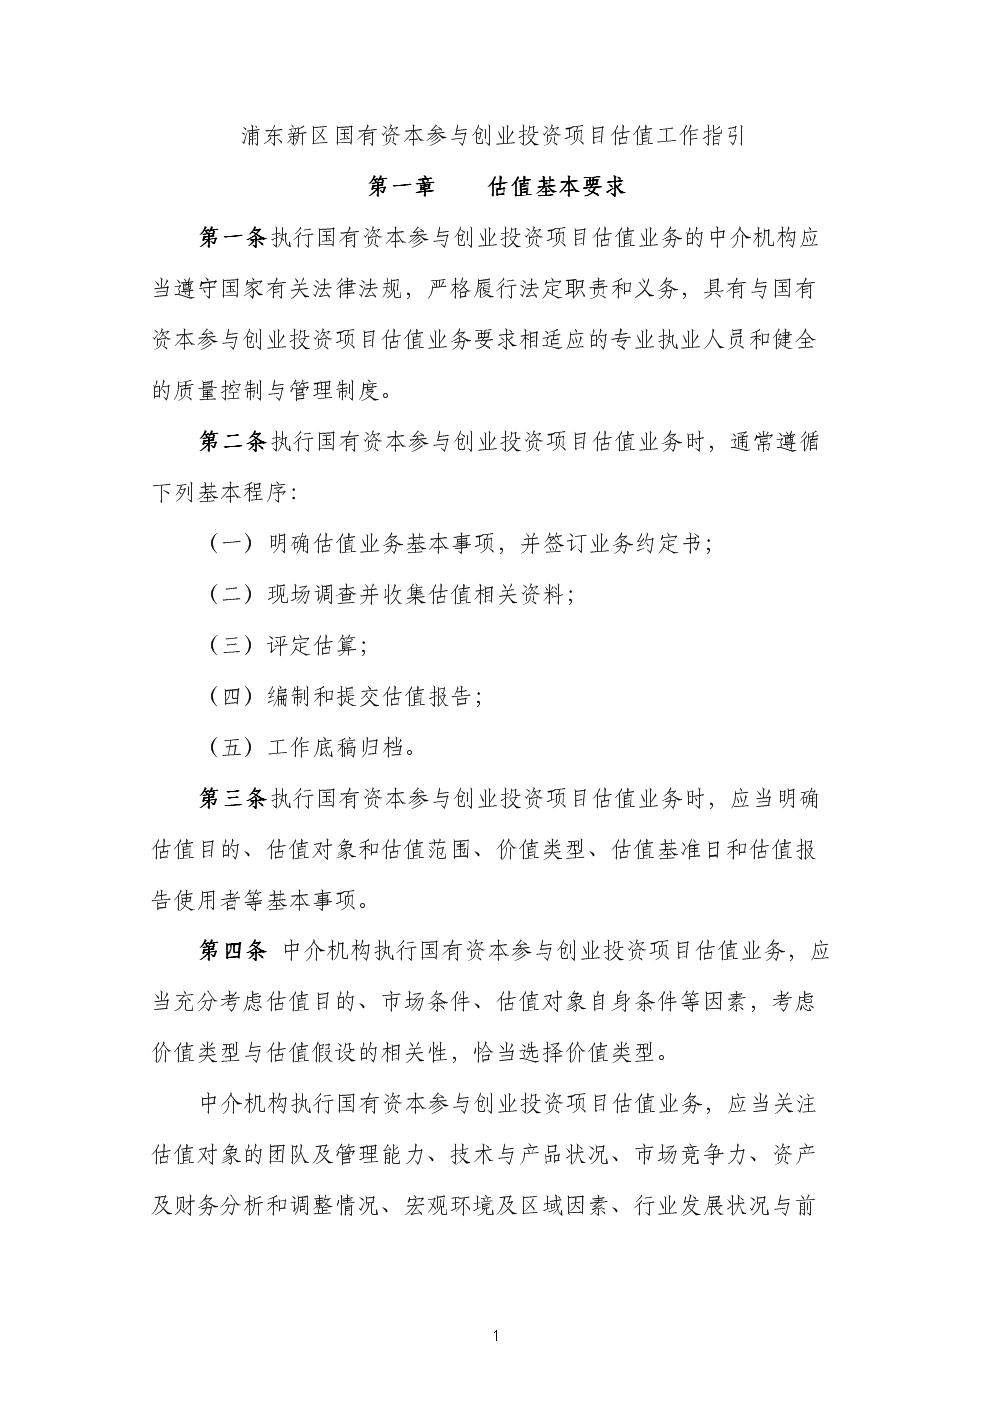 浦东新区创投估值报告模板.doc